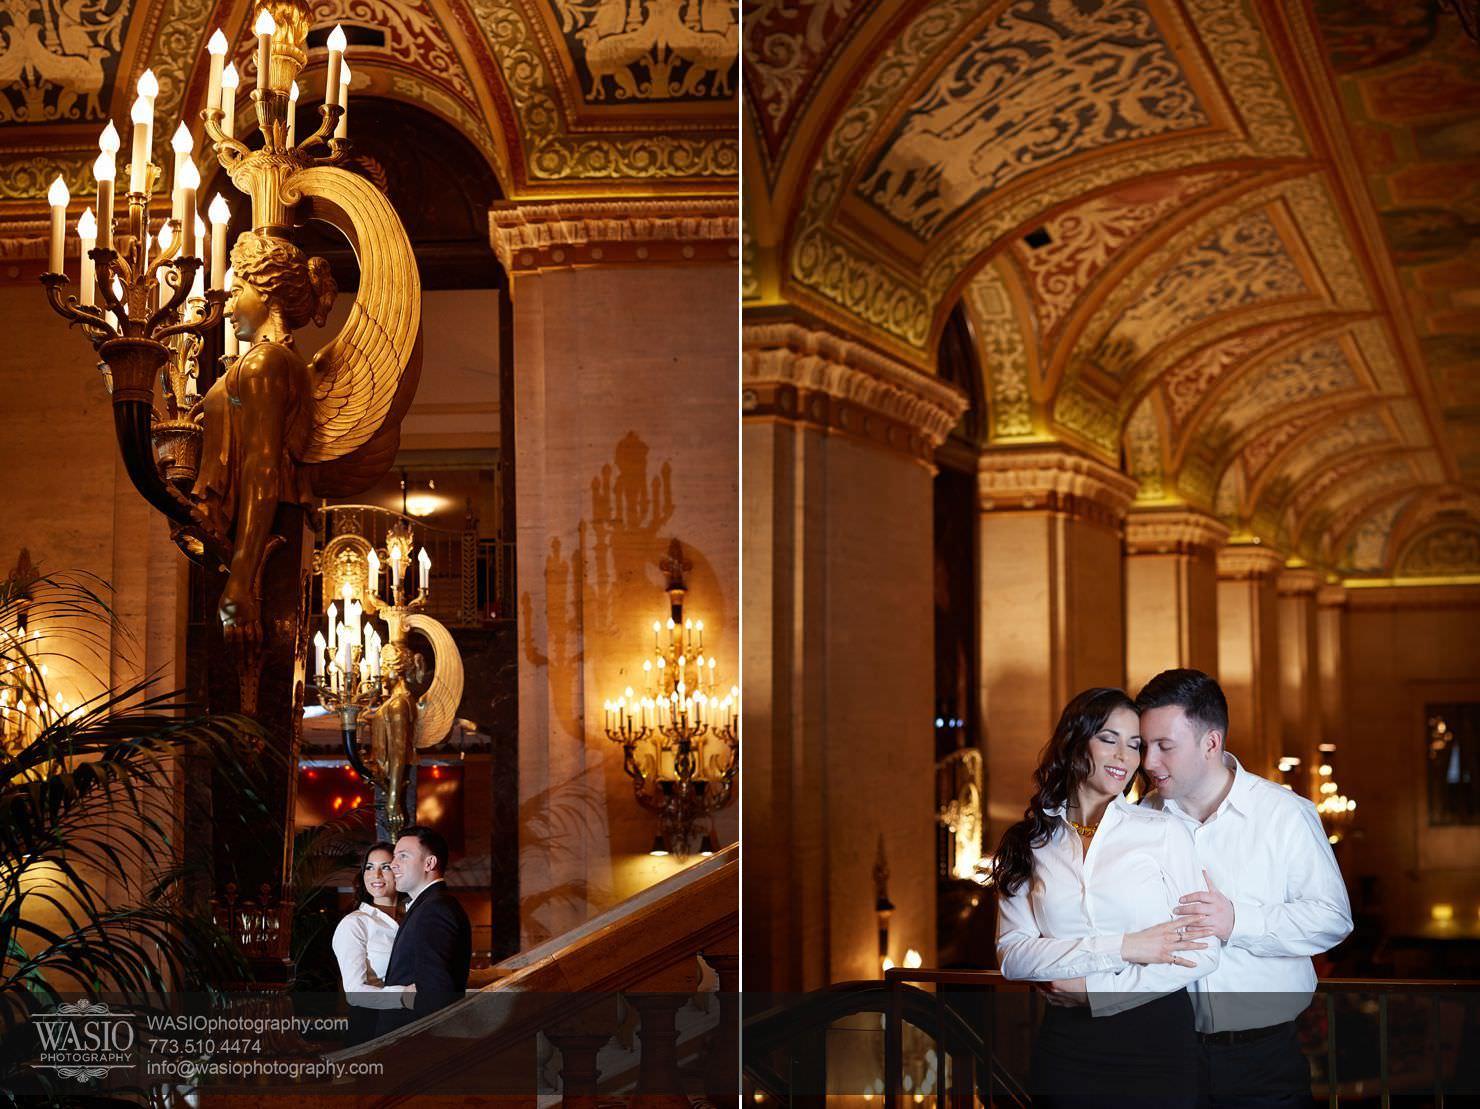 011-Chicago-Winter-Engagement Chicago Winter Engagement - Chrissy + Andrew